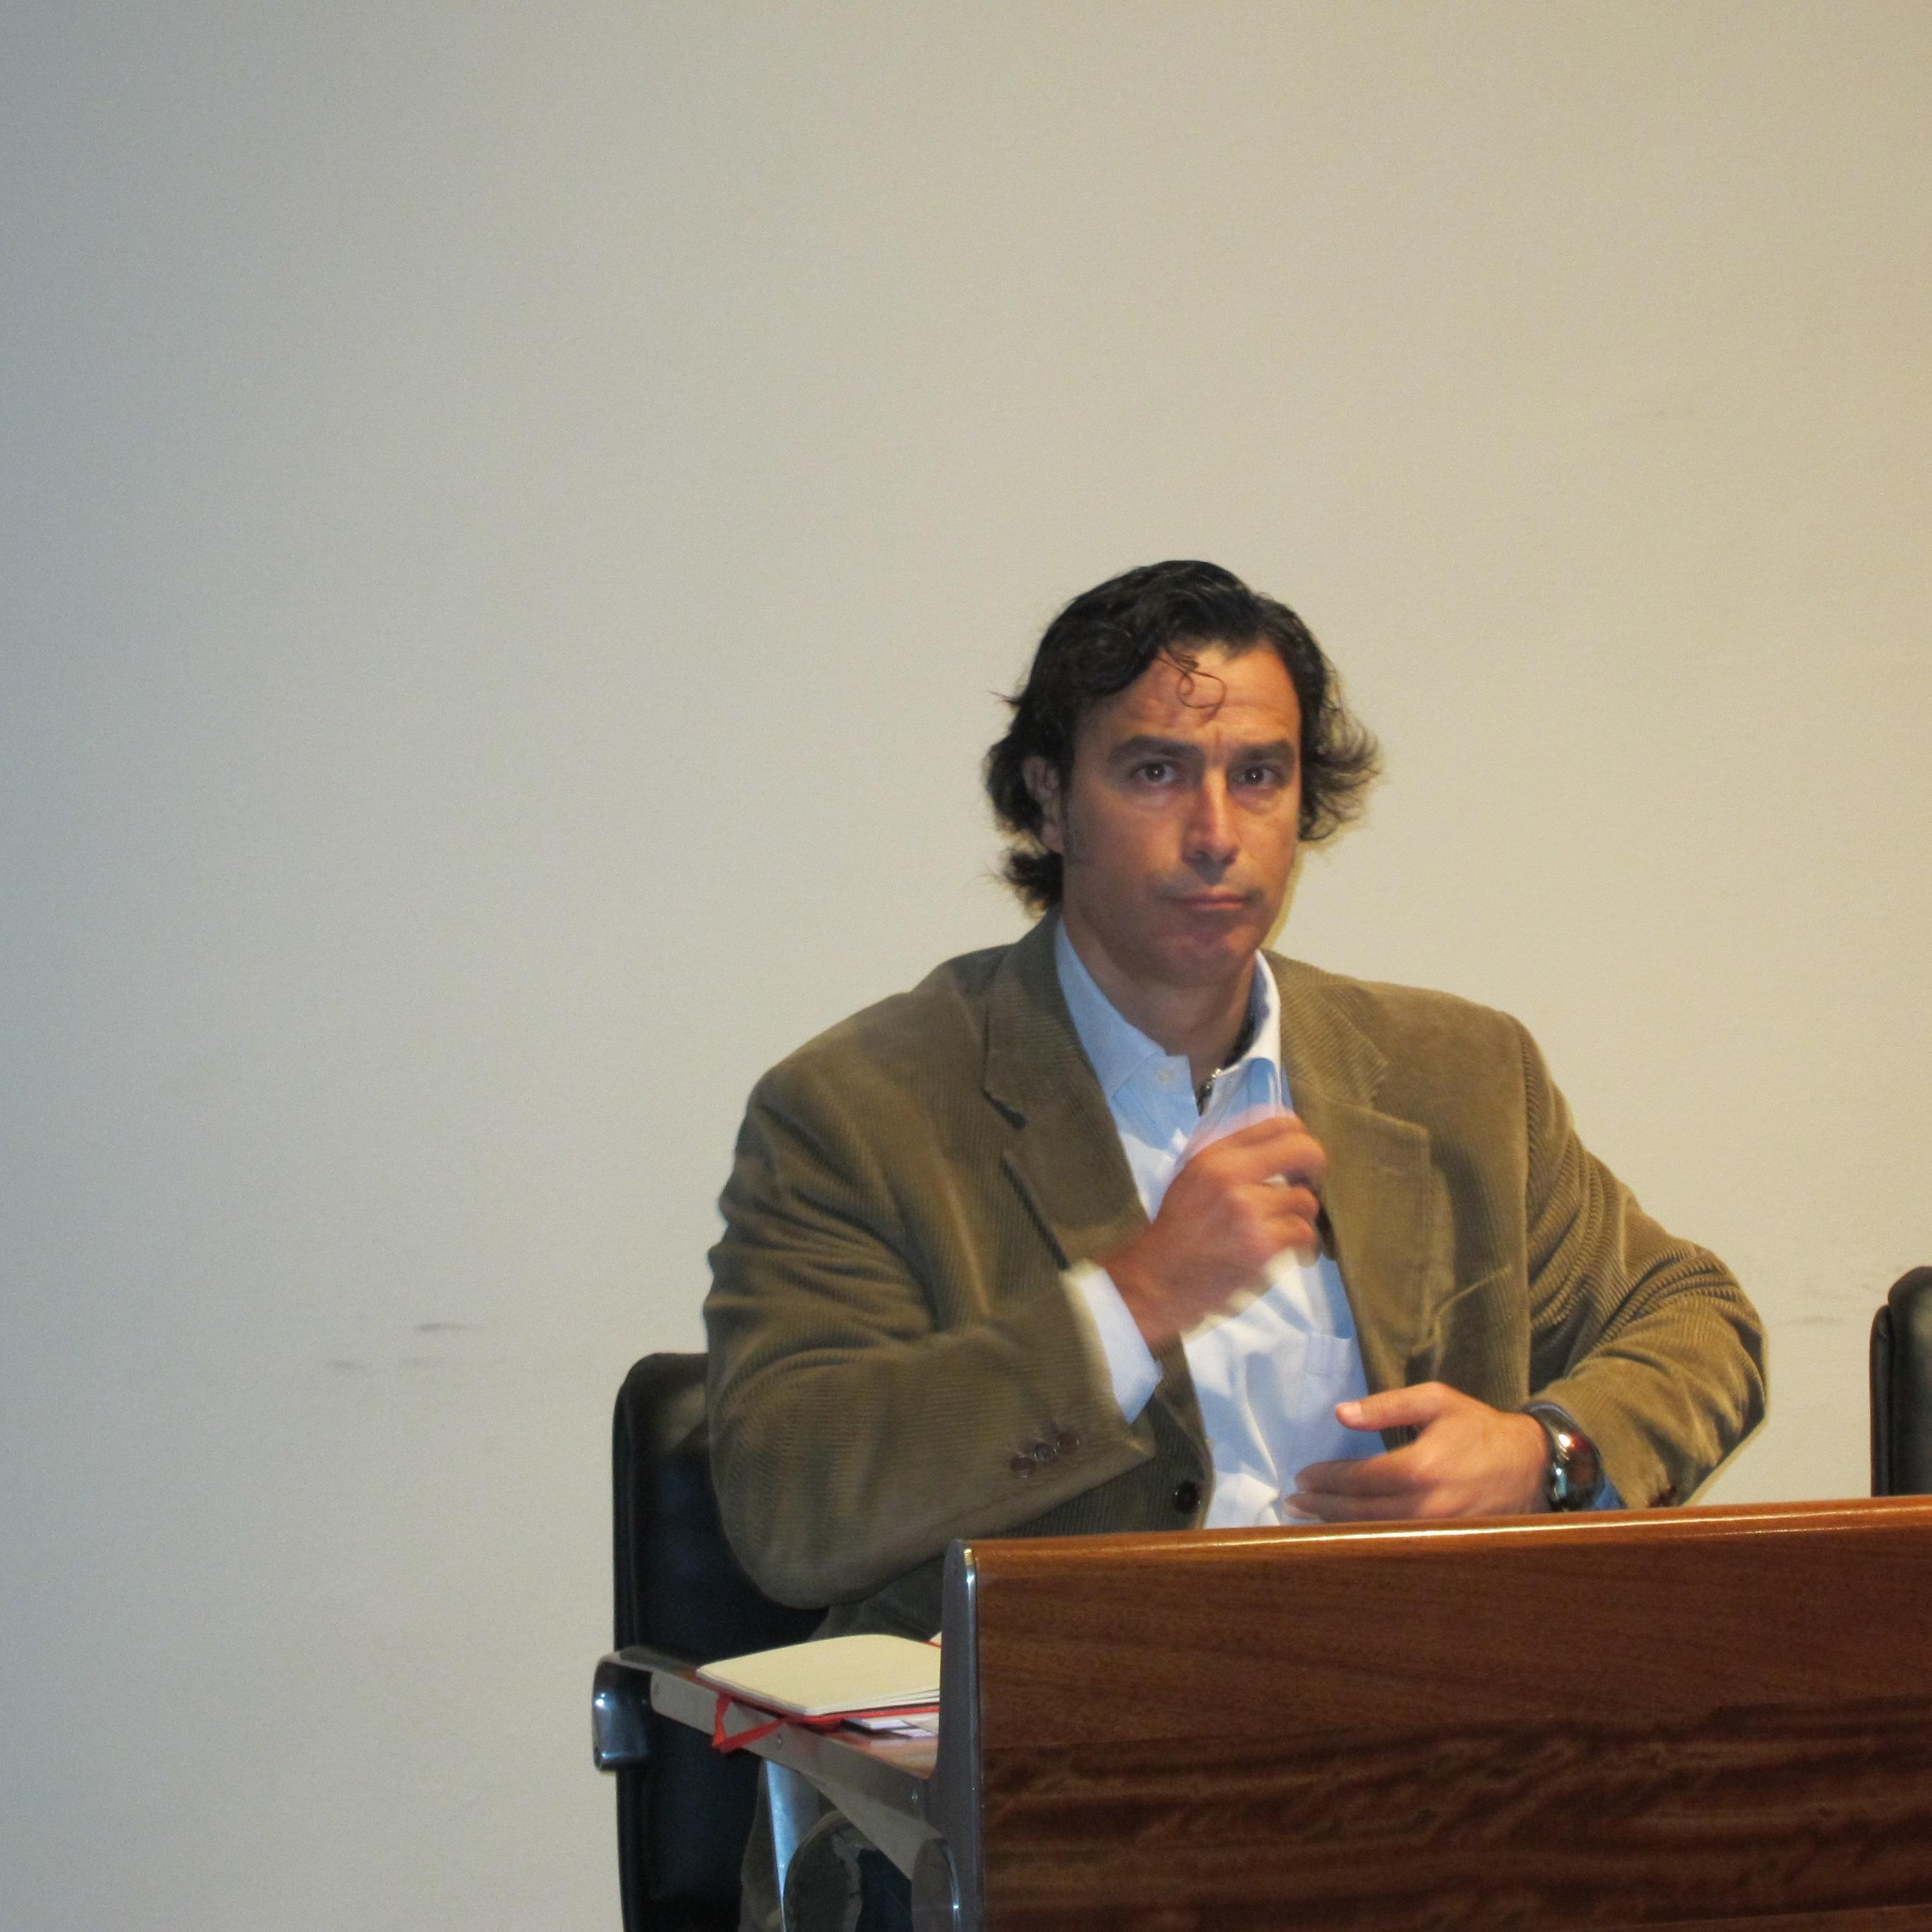 El director general de RTPA señala que el ente afronta una situación presupuestaria «muy difícil»